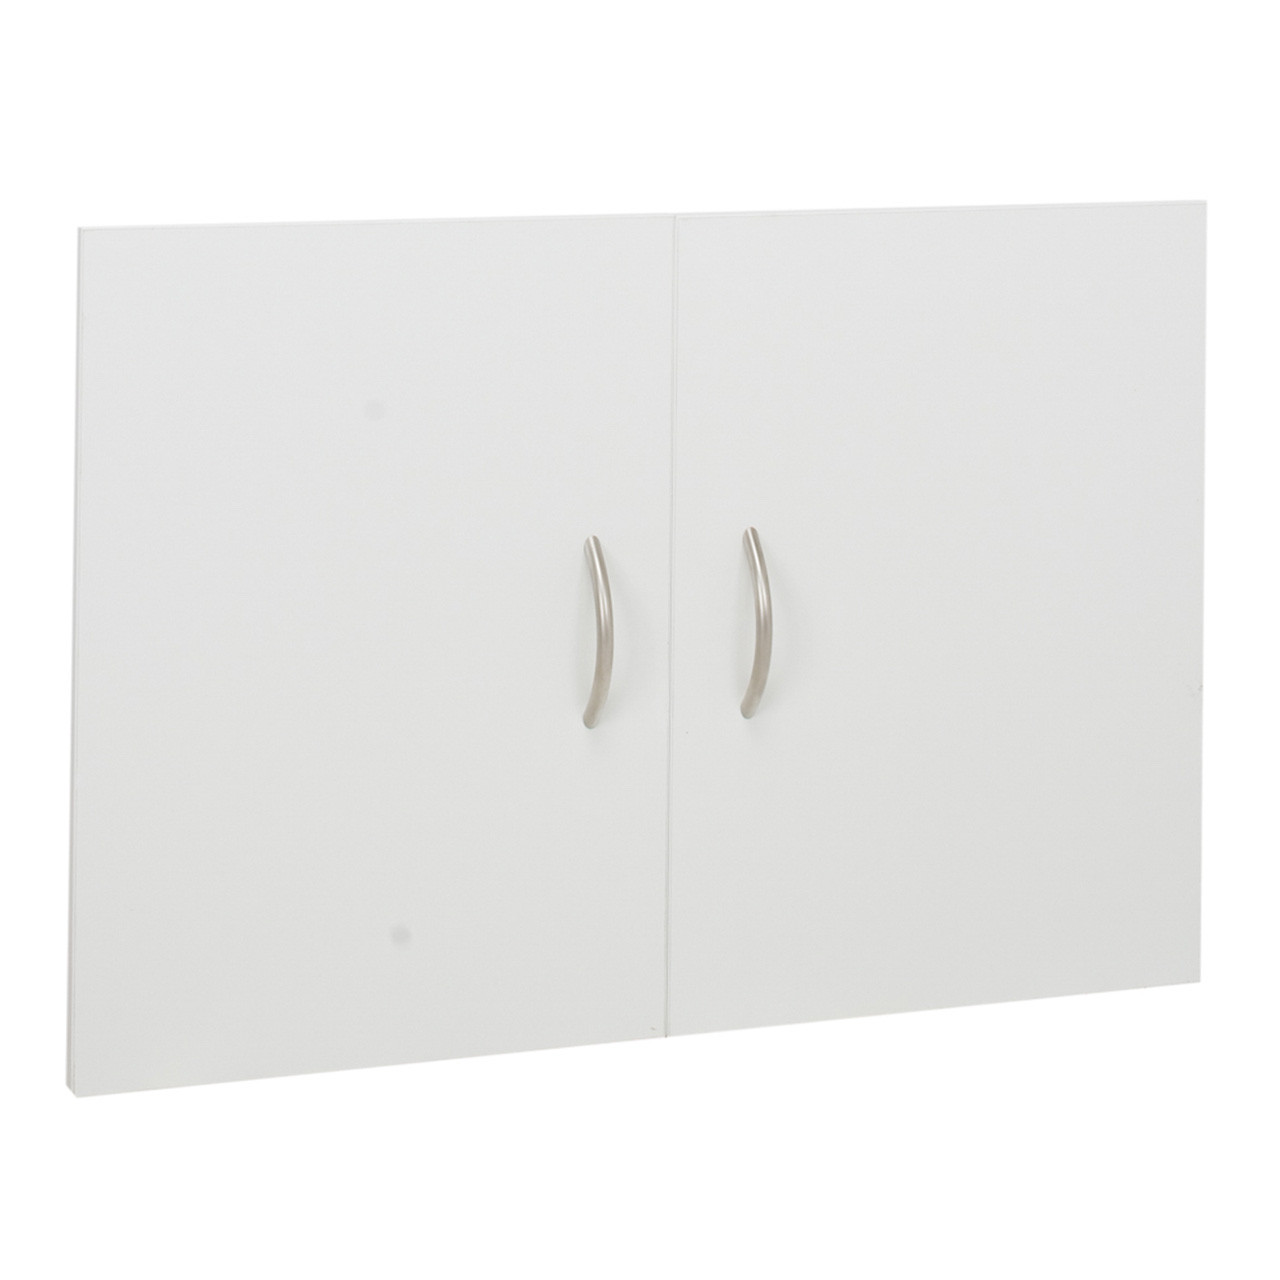 Big OBox Accessory Doors